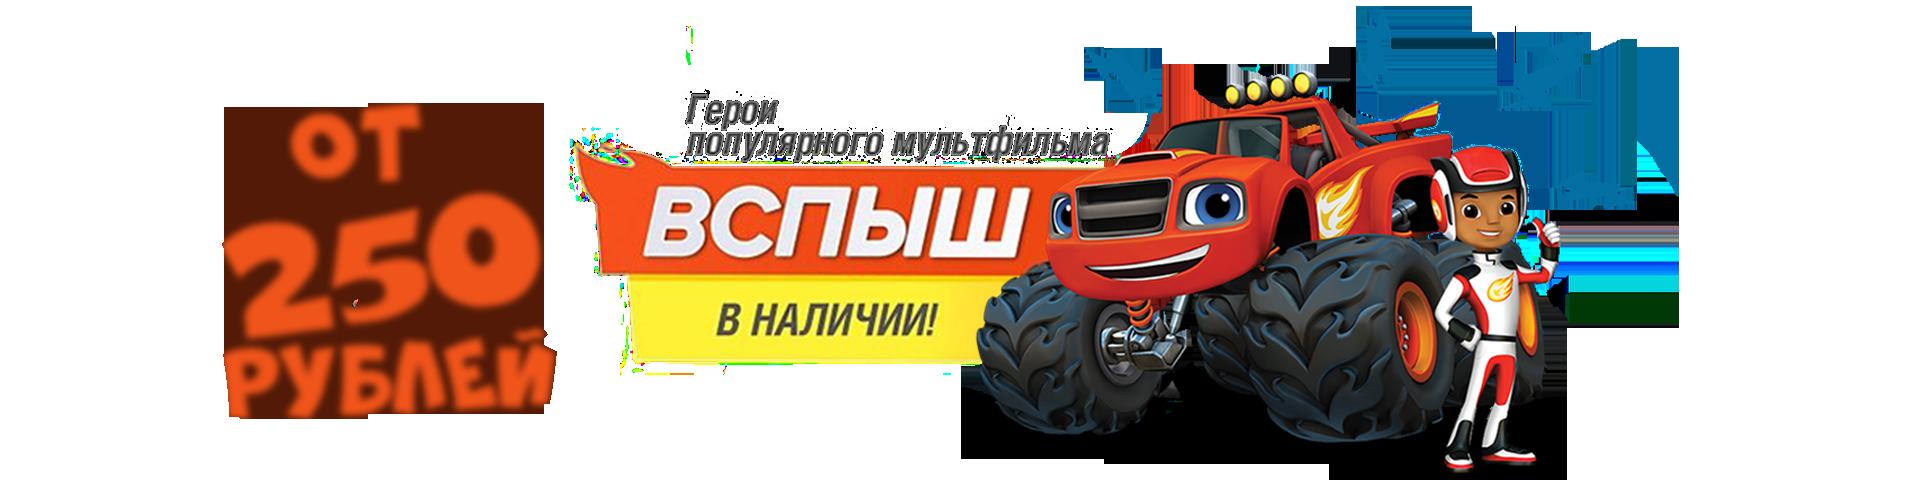 Вспыш от 270 рублей